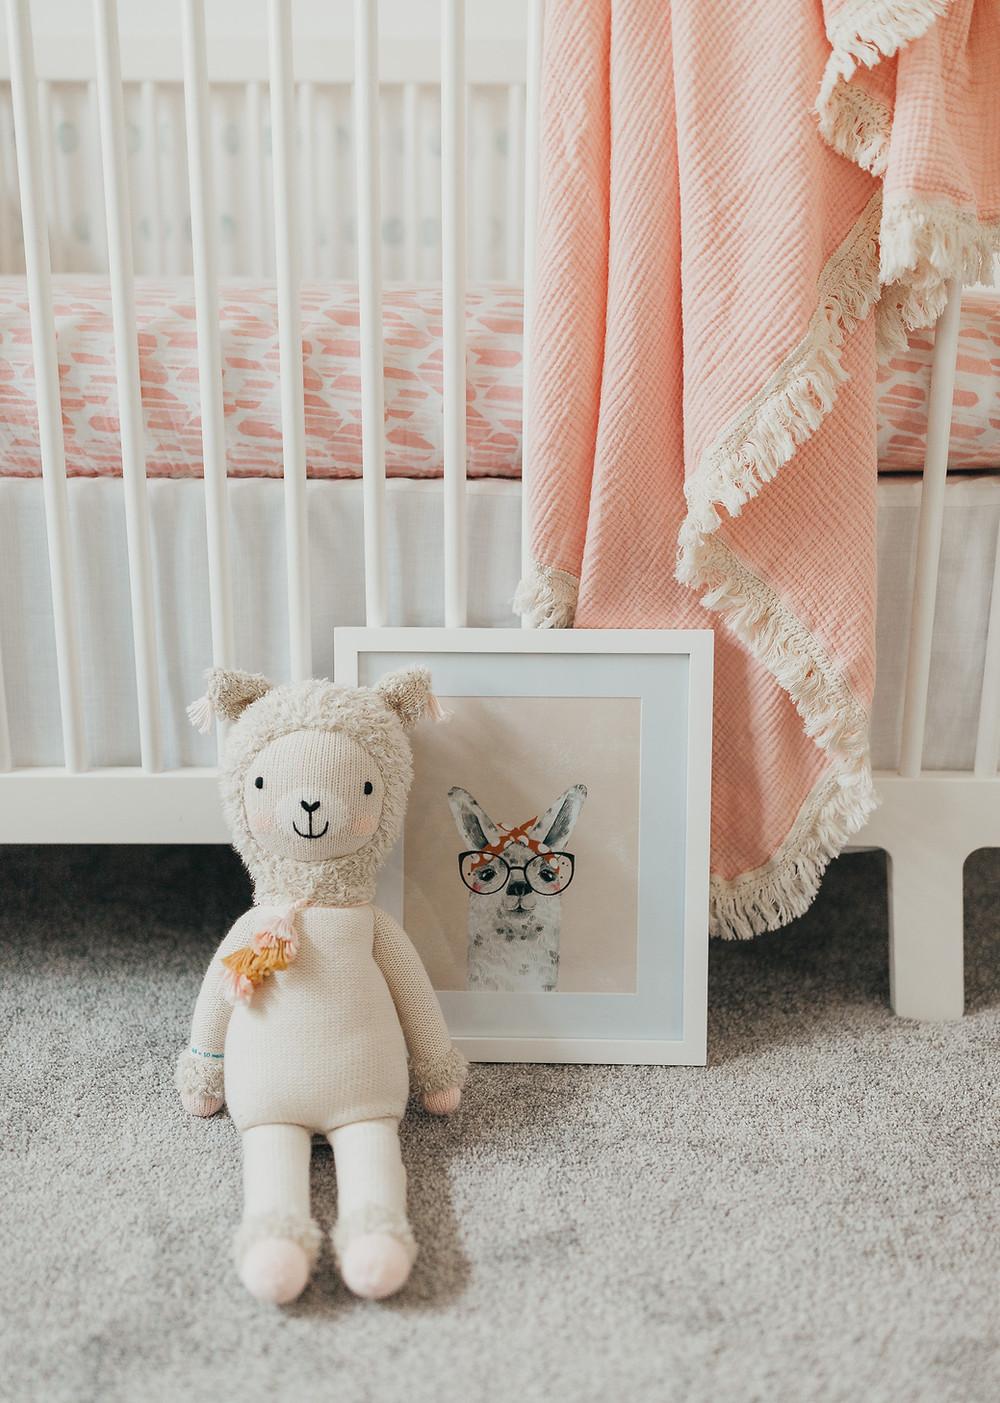 A cuddle and kind llama doll next to a llama print in a nursery.